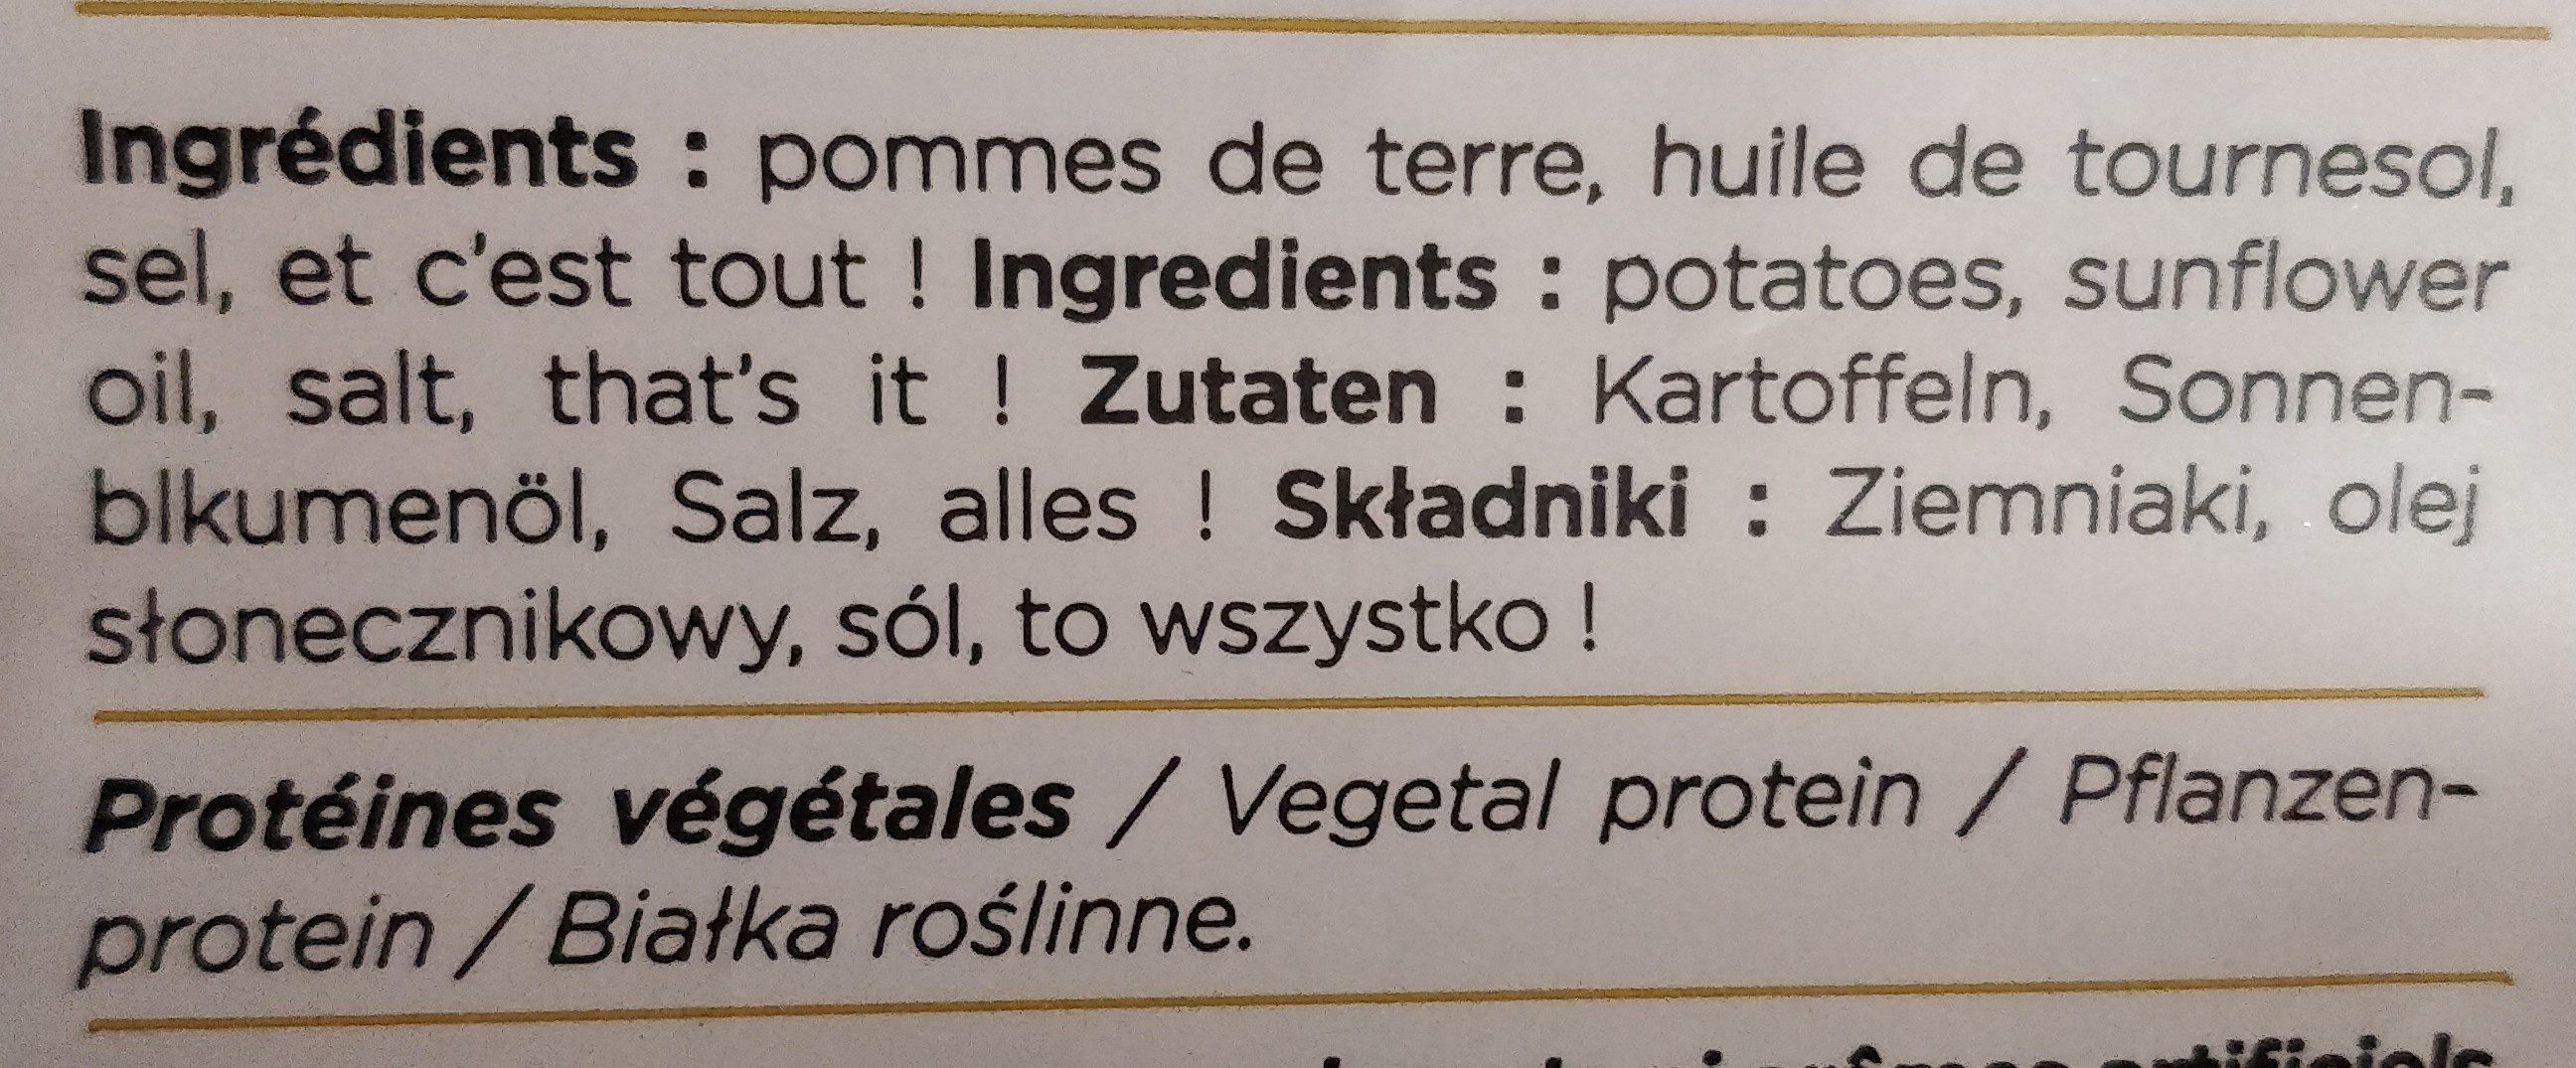 chips nature cuite au chaudron - Ingredients - fr